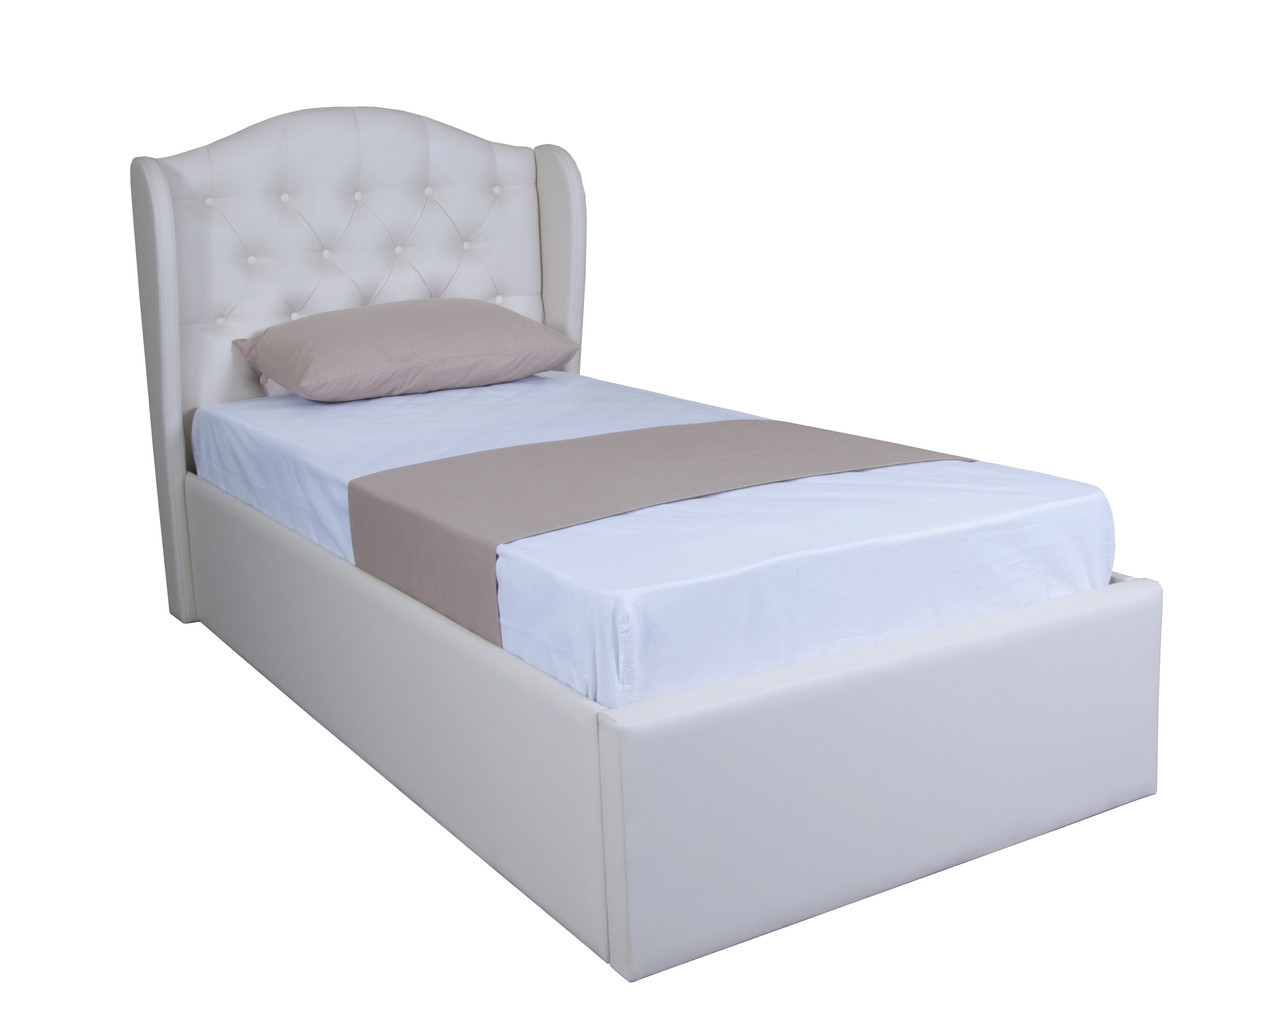 Ліжко Грація односпальне з підйомним механізмом 200х90